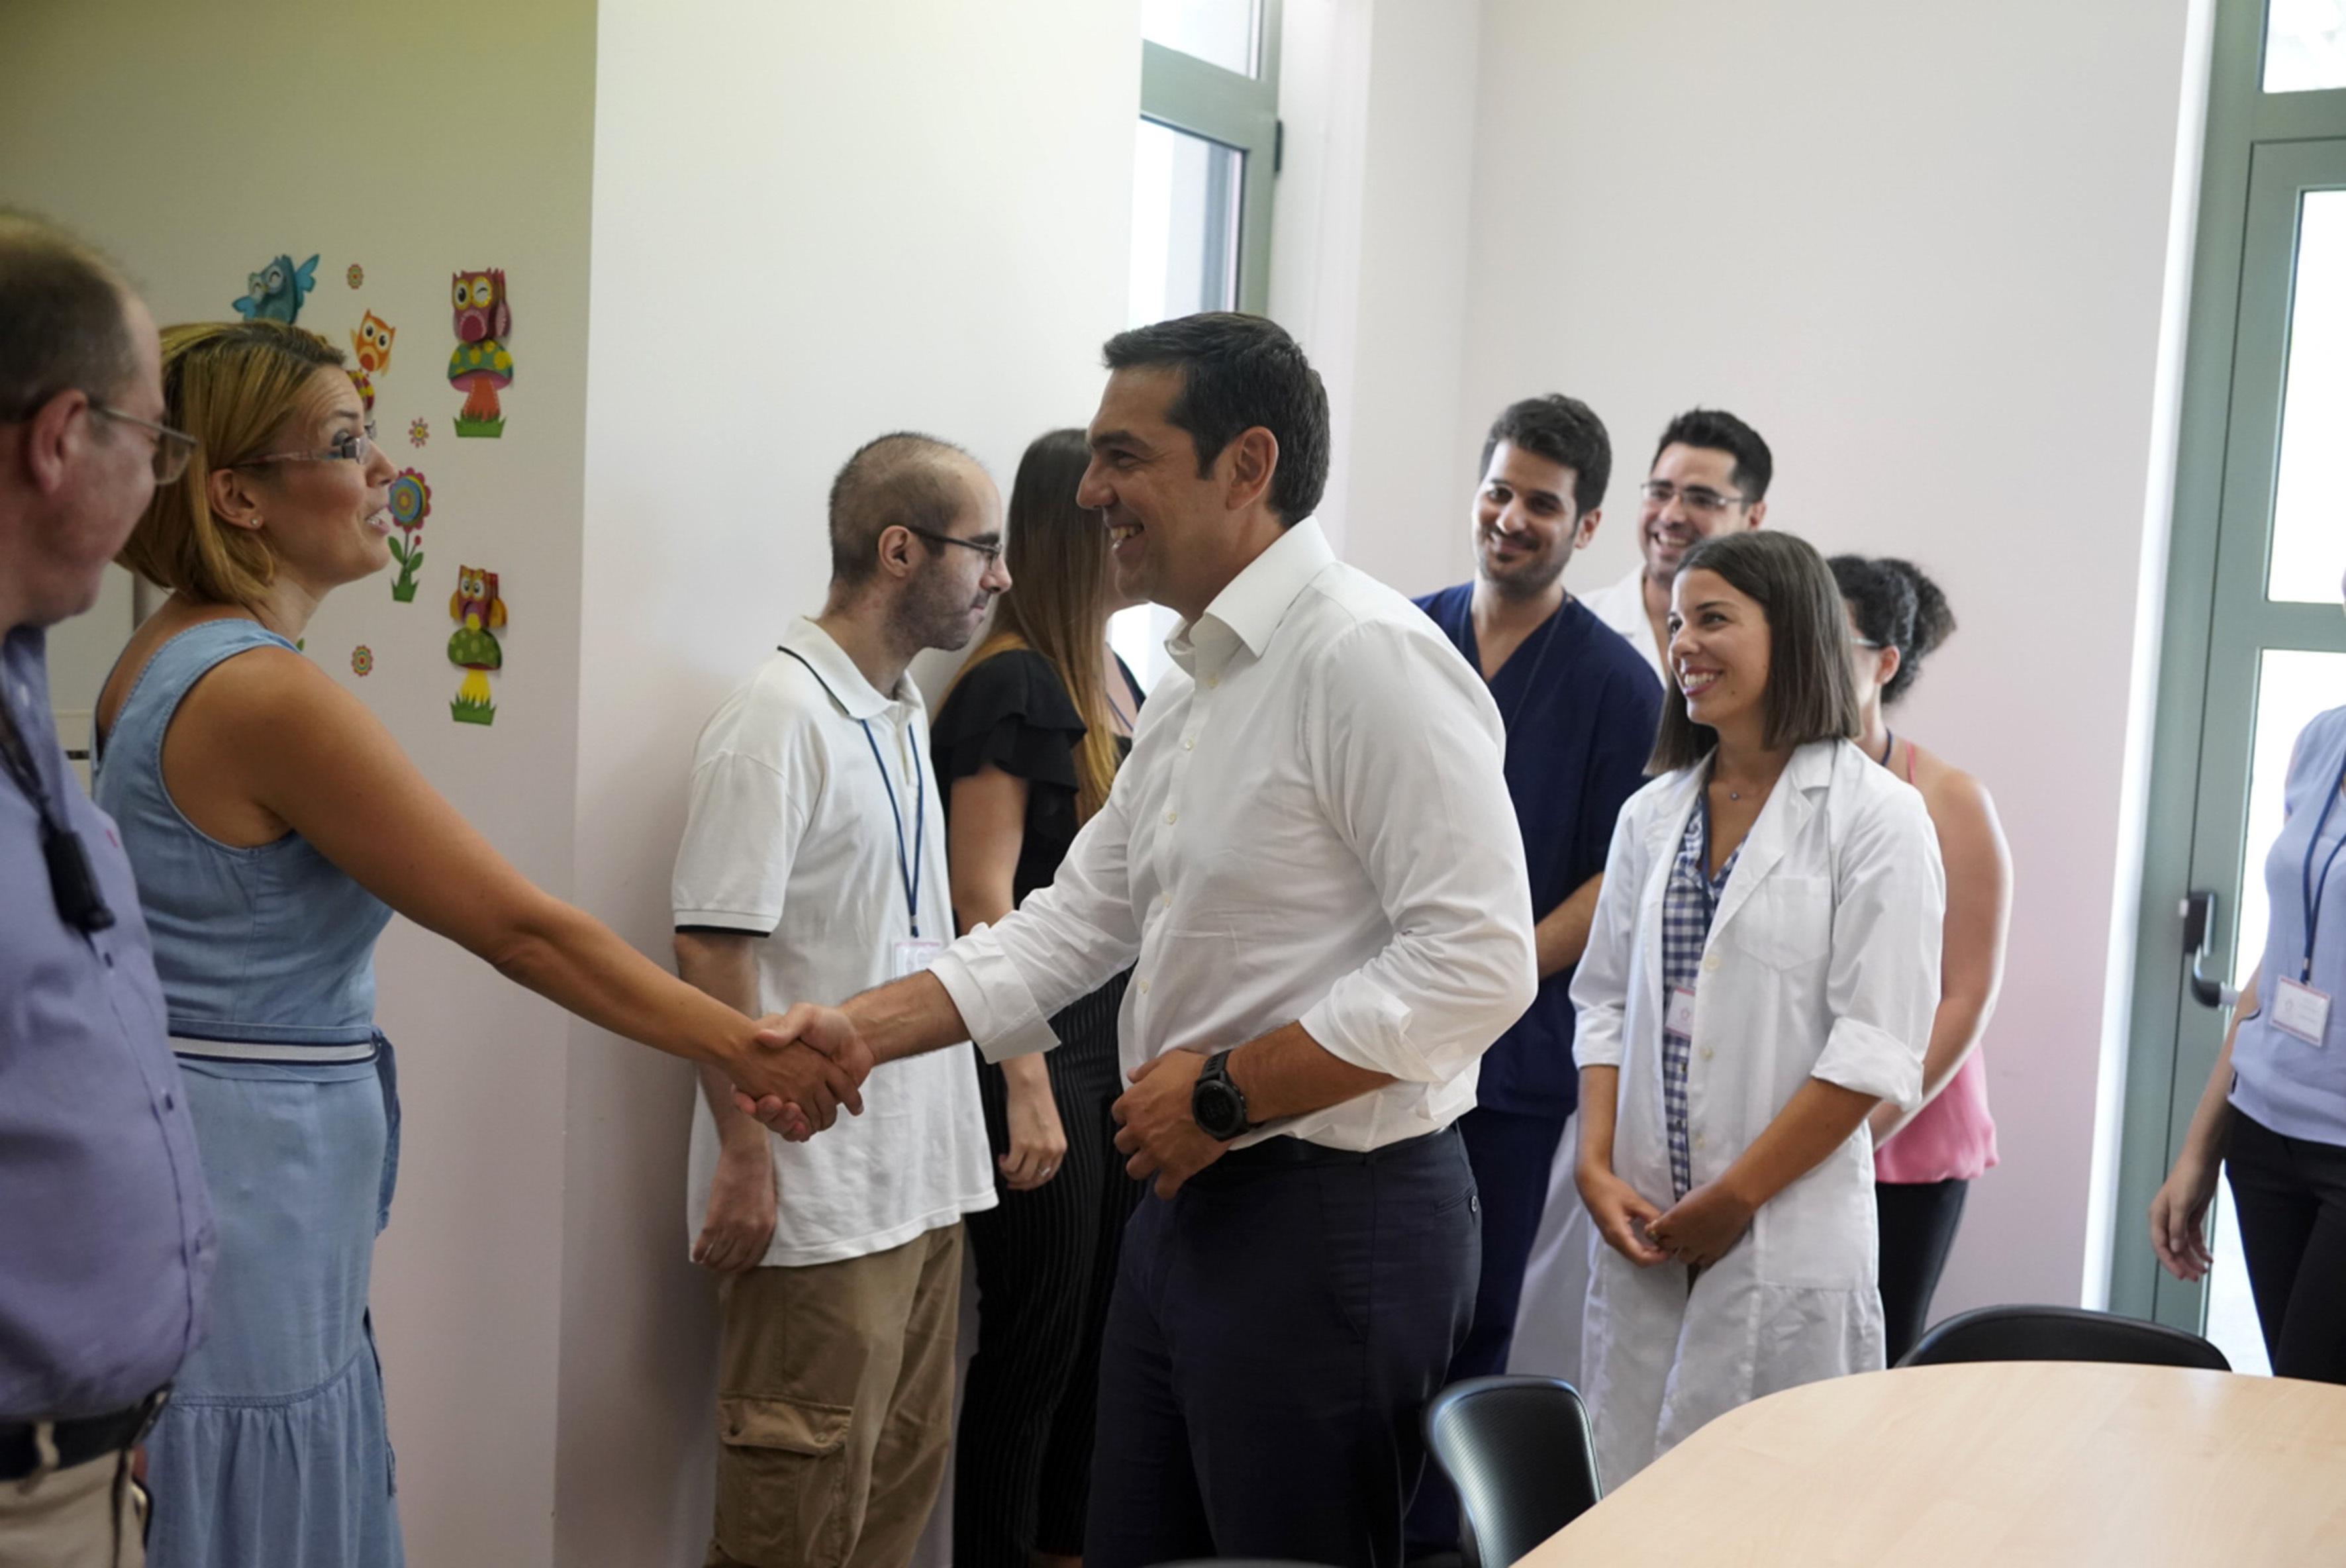 tsipras-meta-ti-lixi-ton-mnimonion-archizoyme-na-pairnoyme-anases-fotografies5